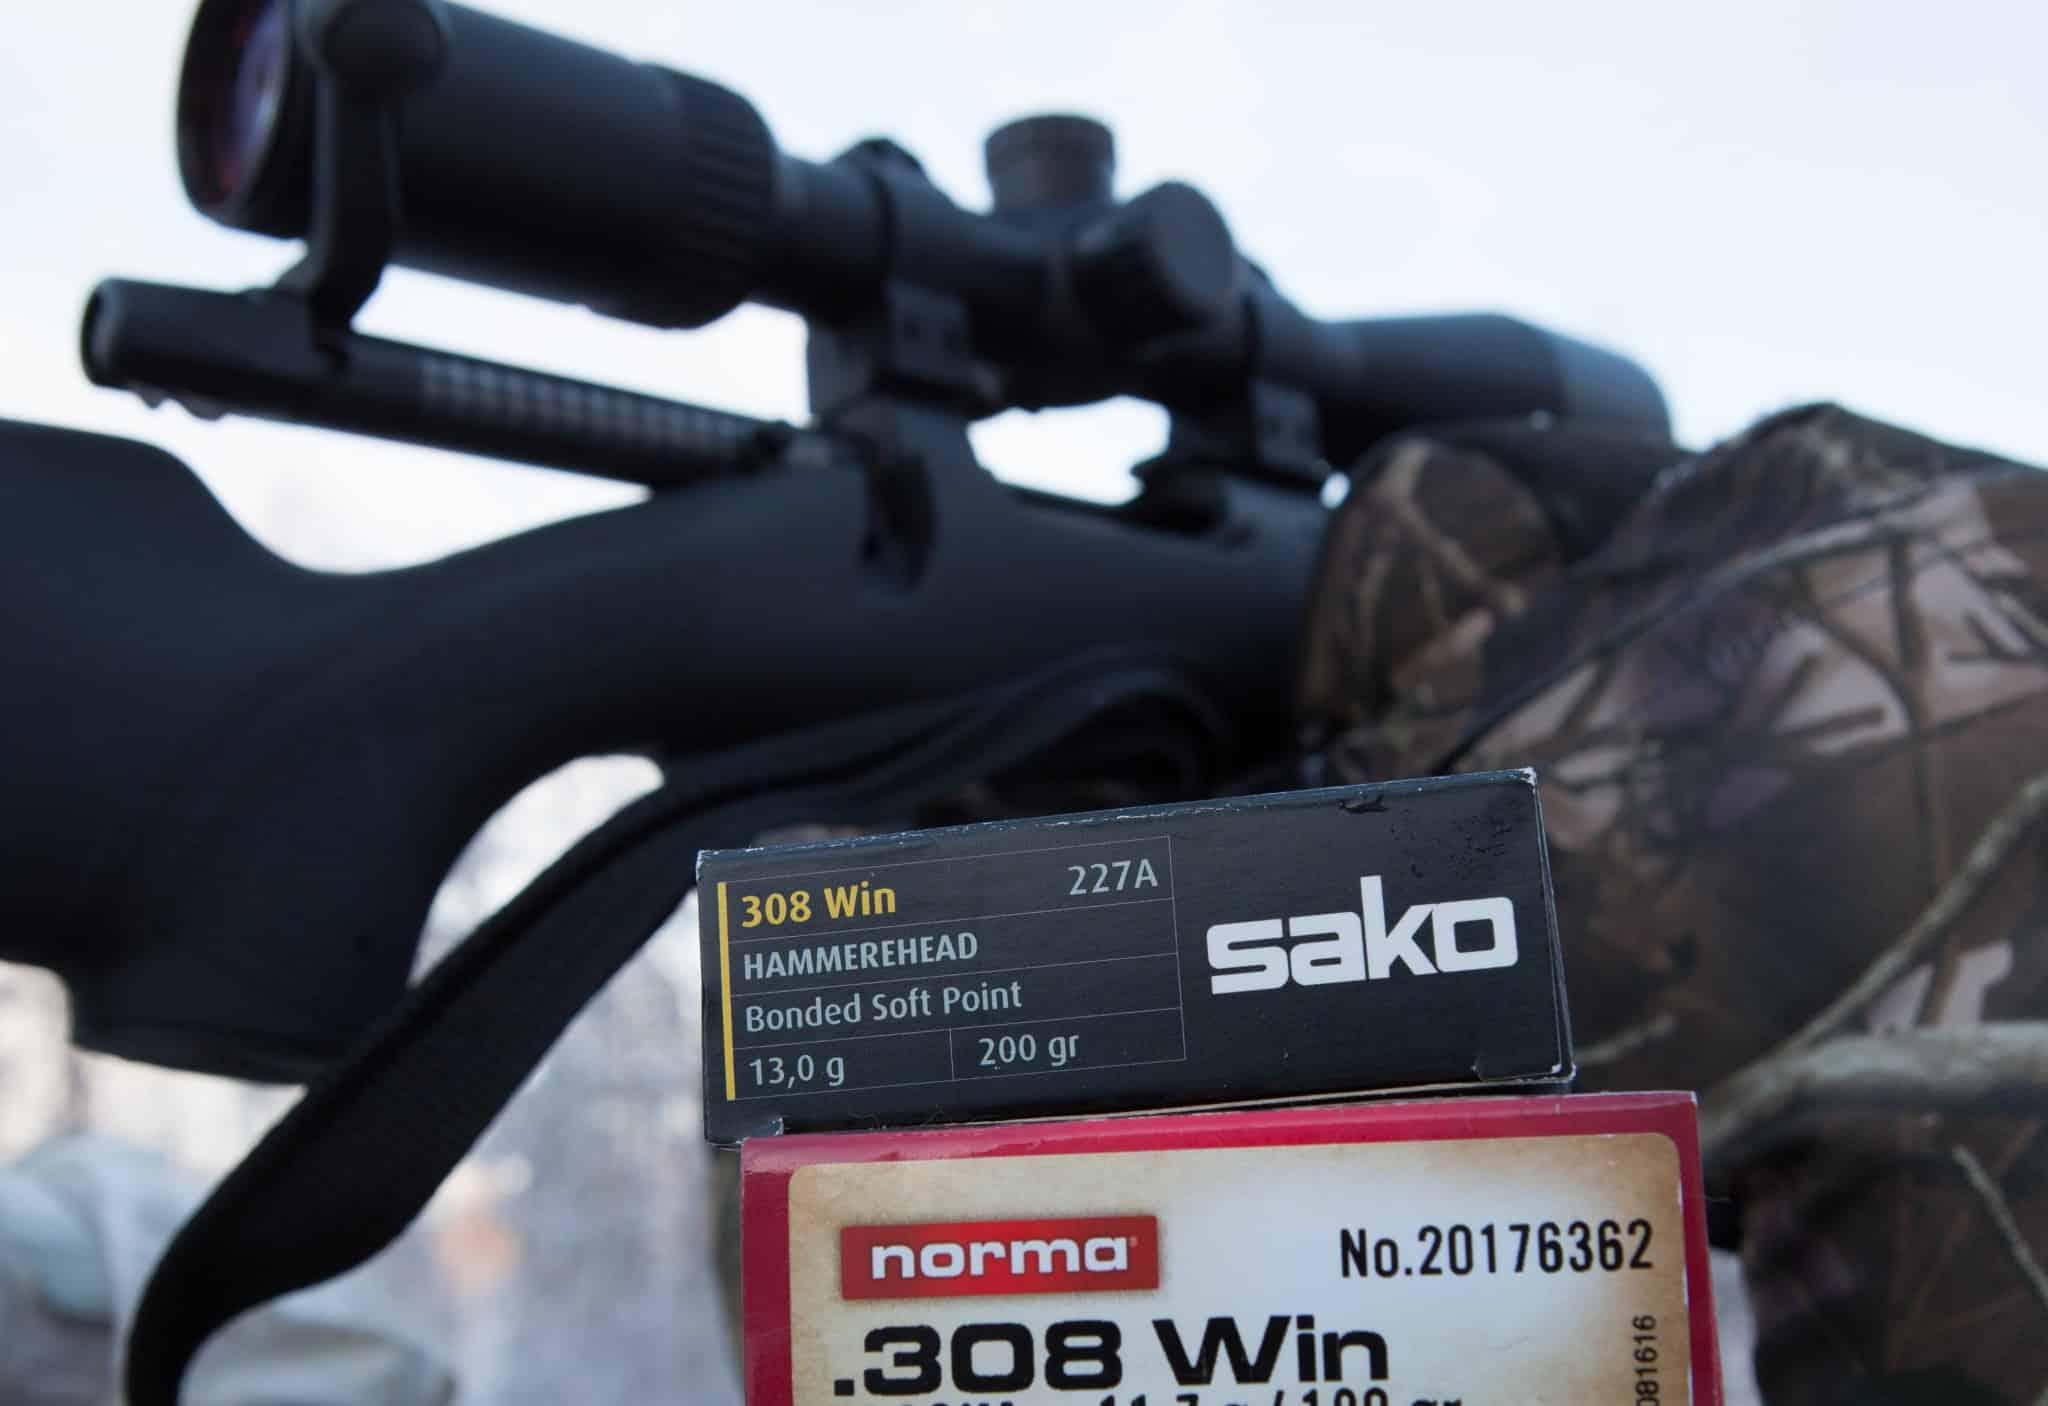 Seven-4: När ett vapen som ska vara smidigt förses med ljuddämpare är det i regel läge att kapa pipan. En storvuxen skytt kan lätt få vapnet välbalanserat ändå, men en mindre skytt får väga in detta redan vid kalibervalet.